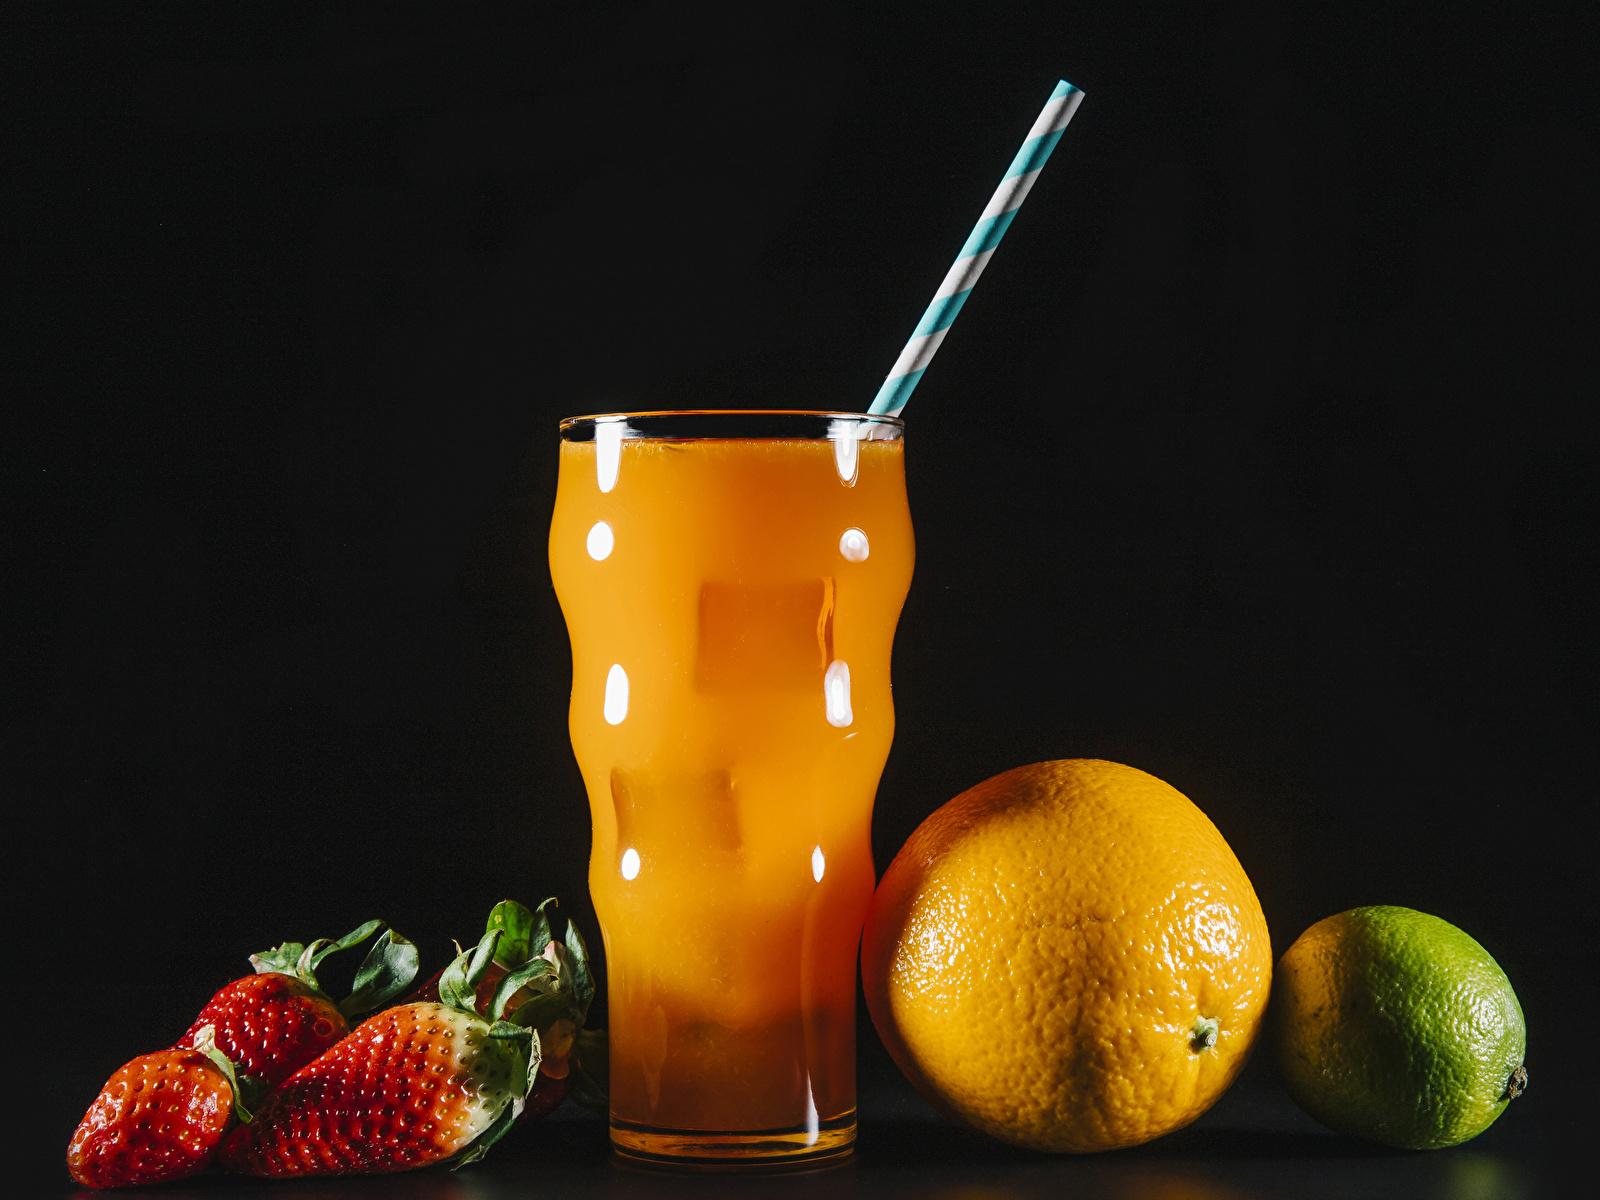 Фотографии Сок Лайм Апельсин стакана Клубника Еда на черном фоне 1600x1200 Стакан стакане Пища Продукты питания Черный фон